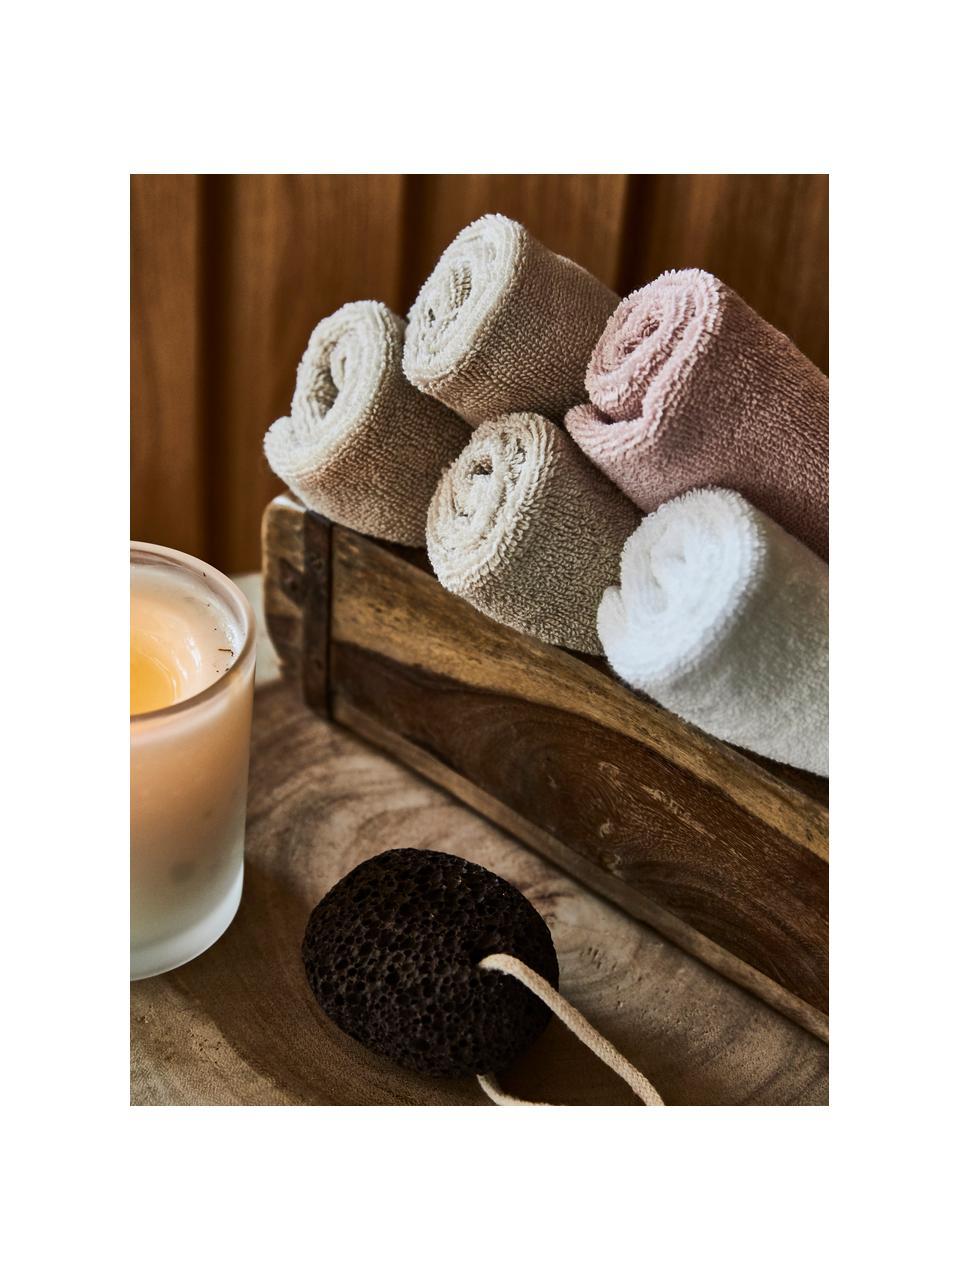 Handtuch Premium in verschiedenen Größen, mit klassischer Zierbordüre, Beige, Handtuch